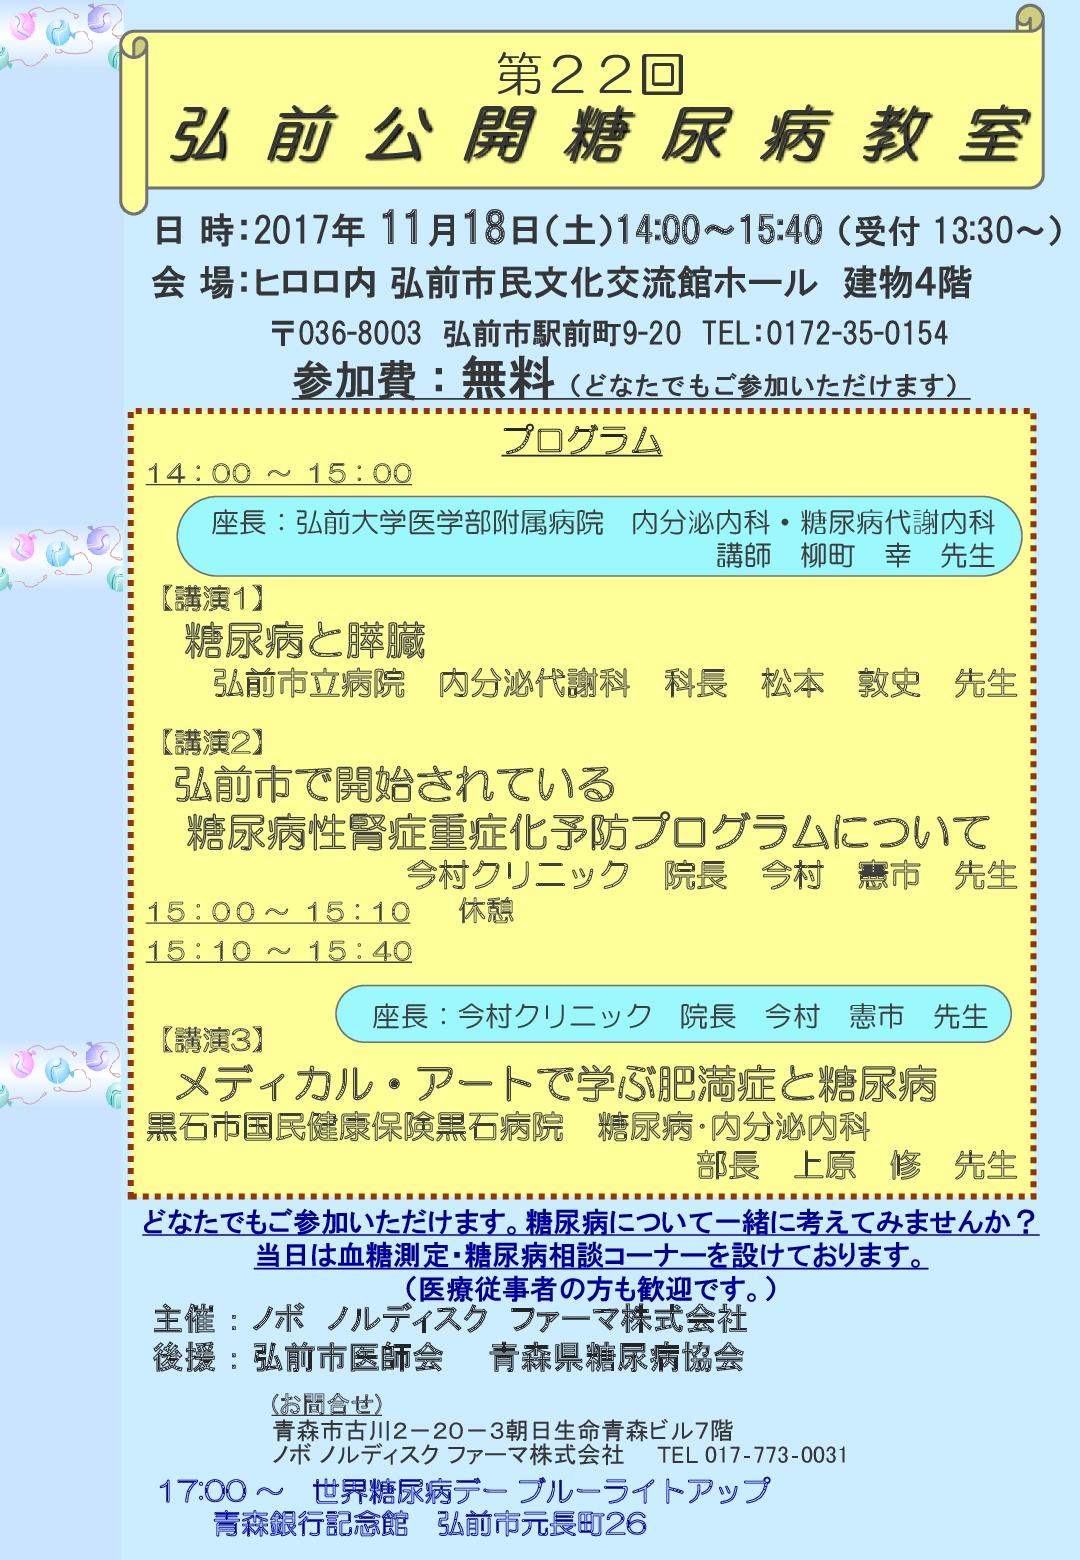 【ブルーライトアップ】20171118 第22回弘前公開糖尿病%-001.jpg